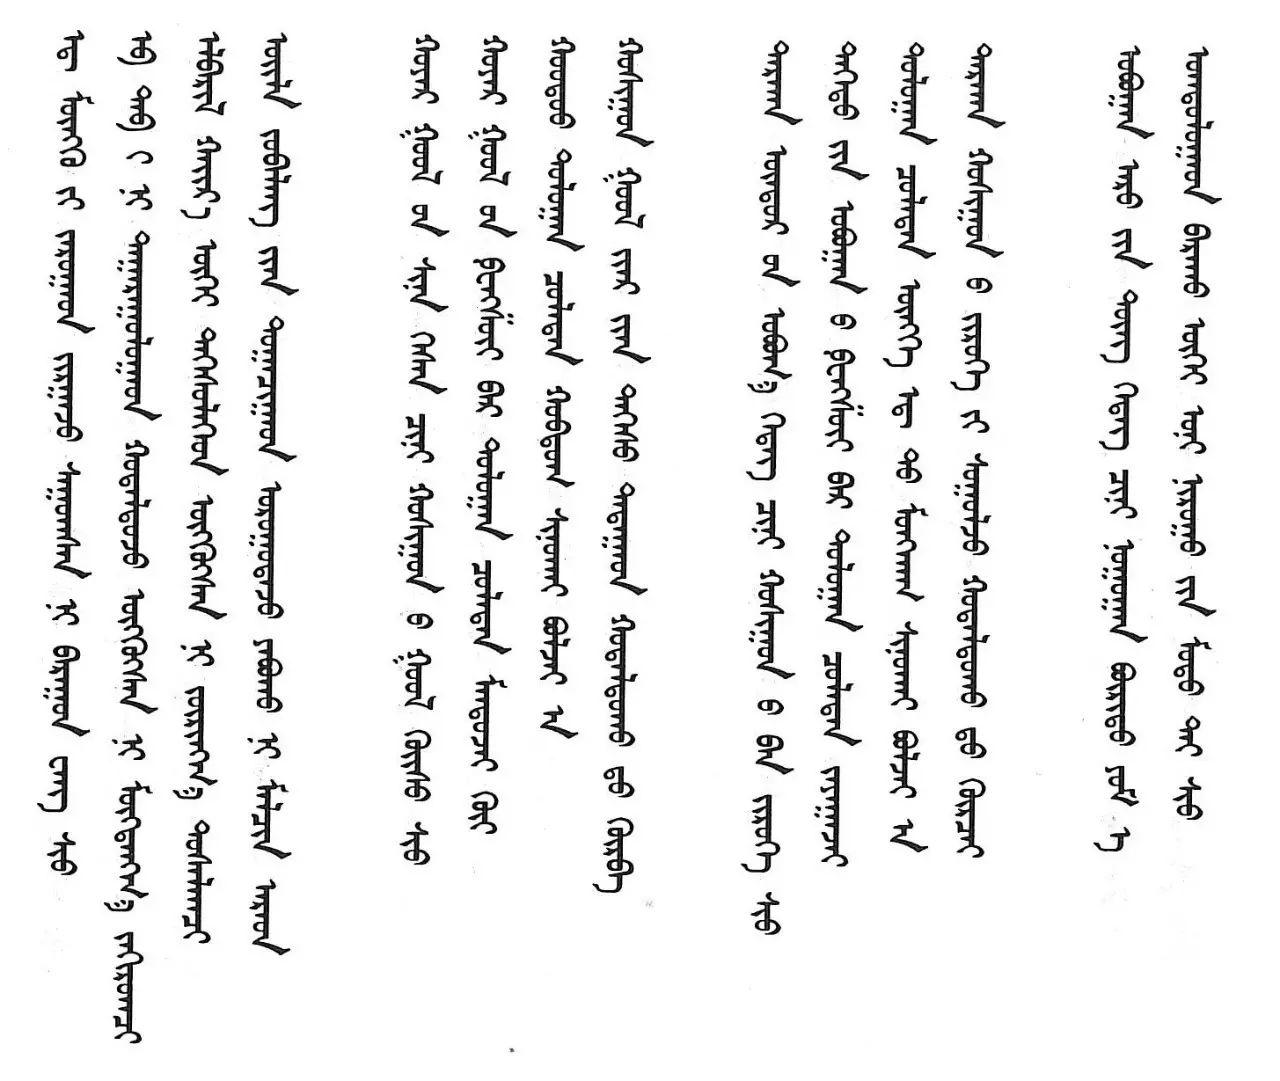 【每日歌词】科尔沁民歌《达尔罕王歌》(又名《巴林田》) 第13张